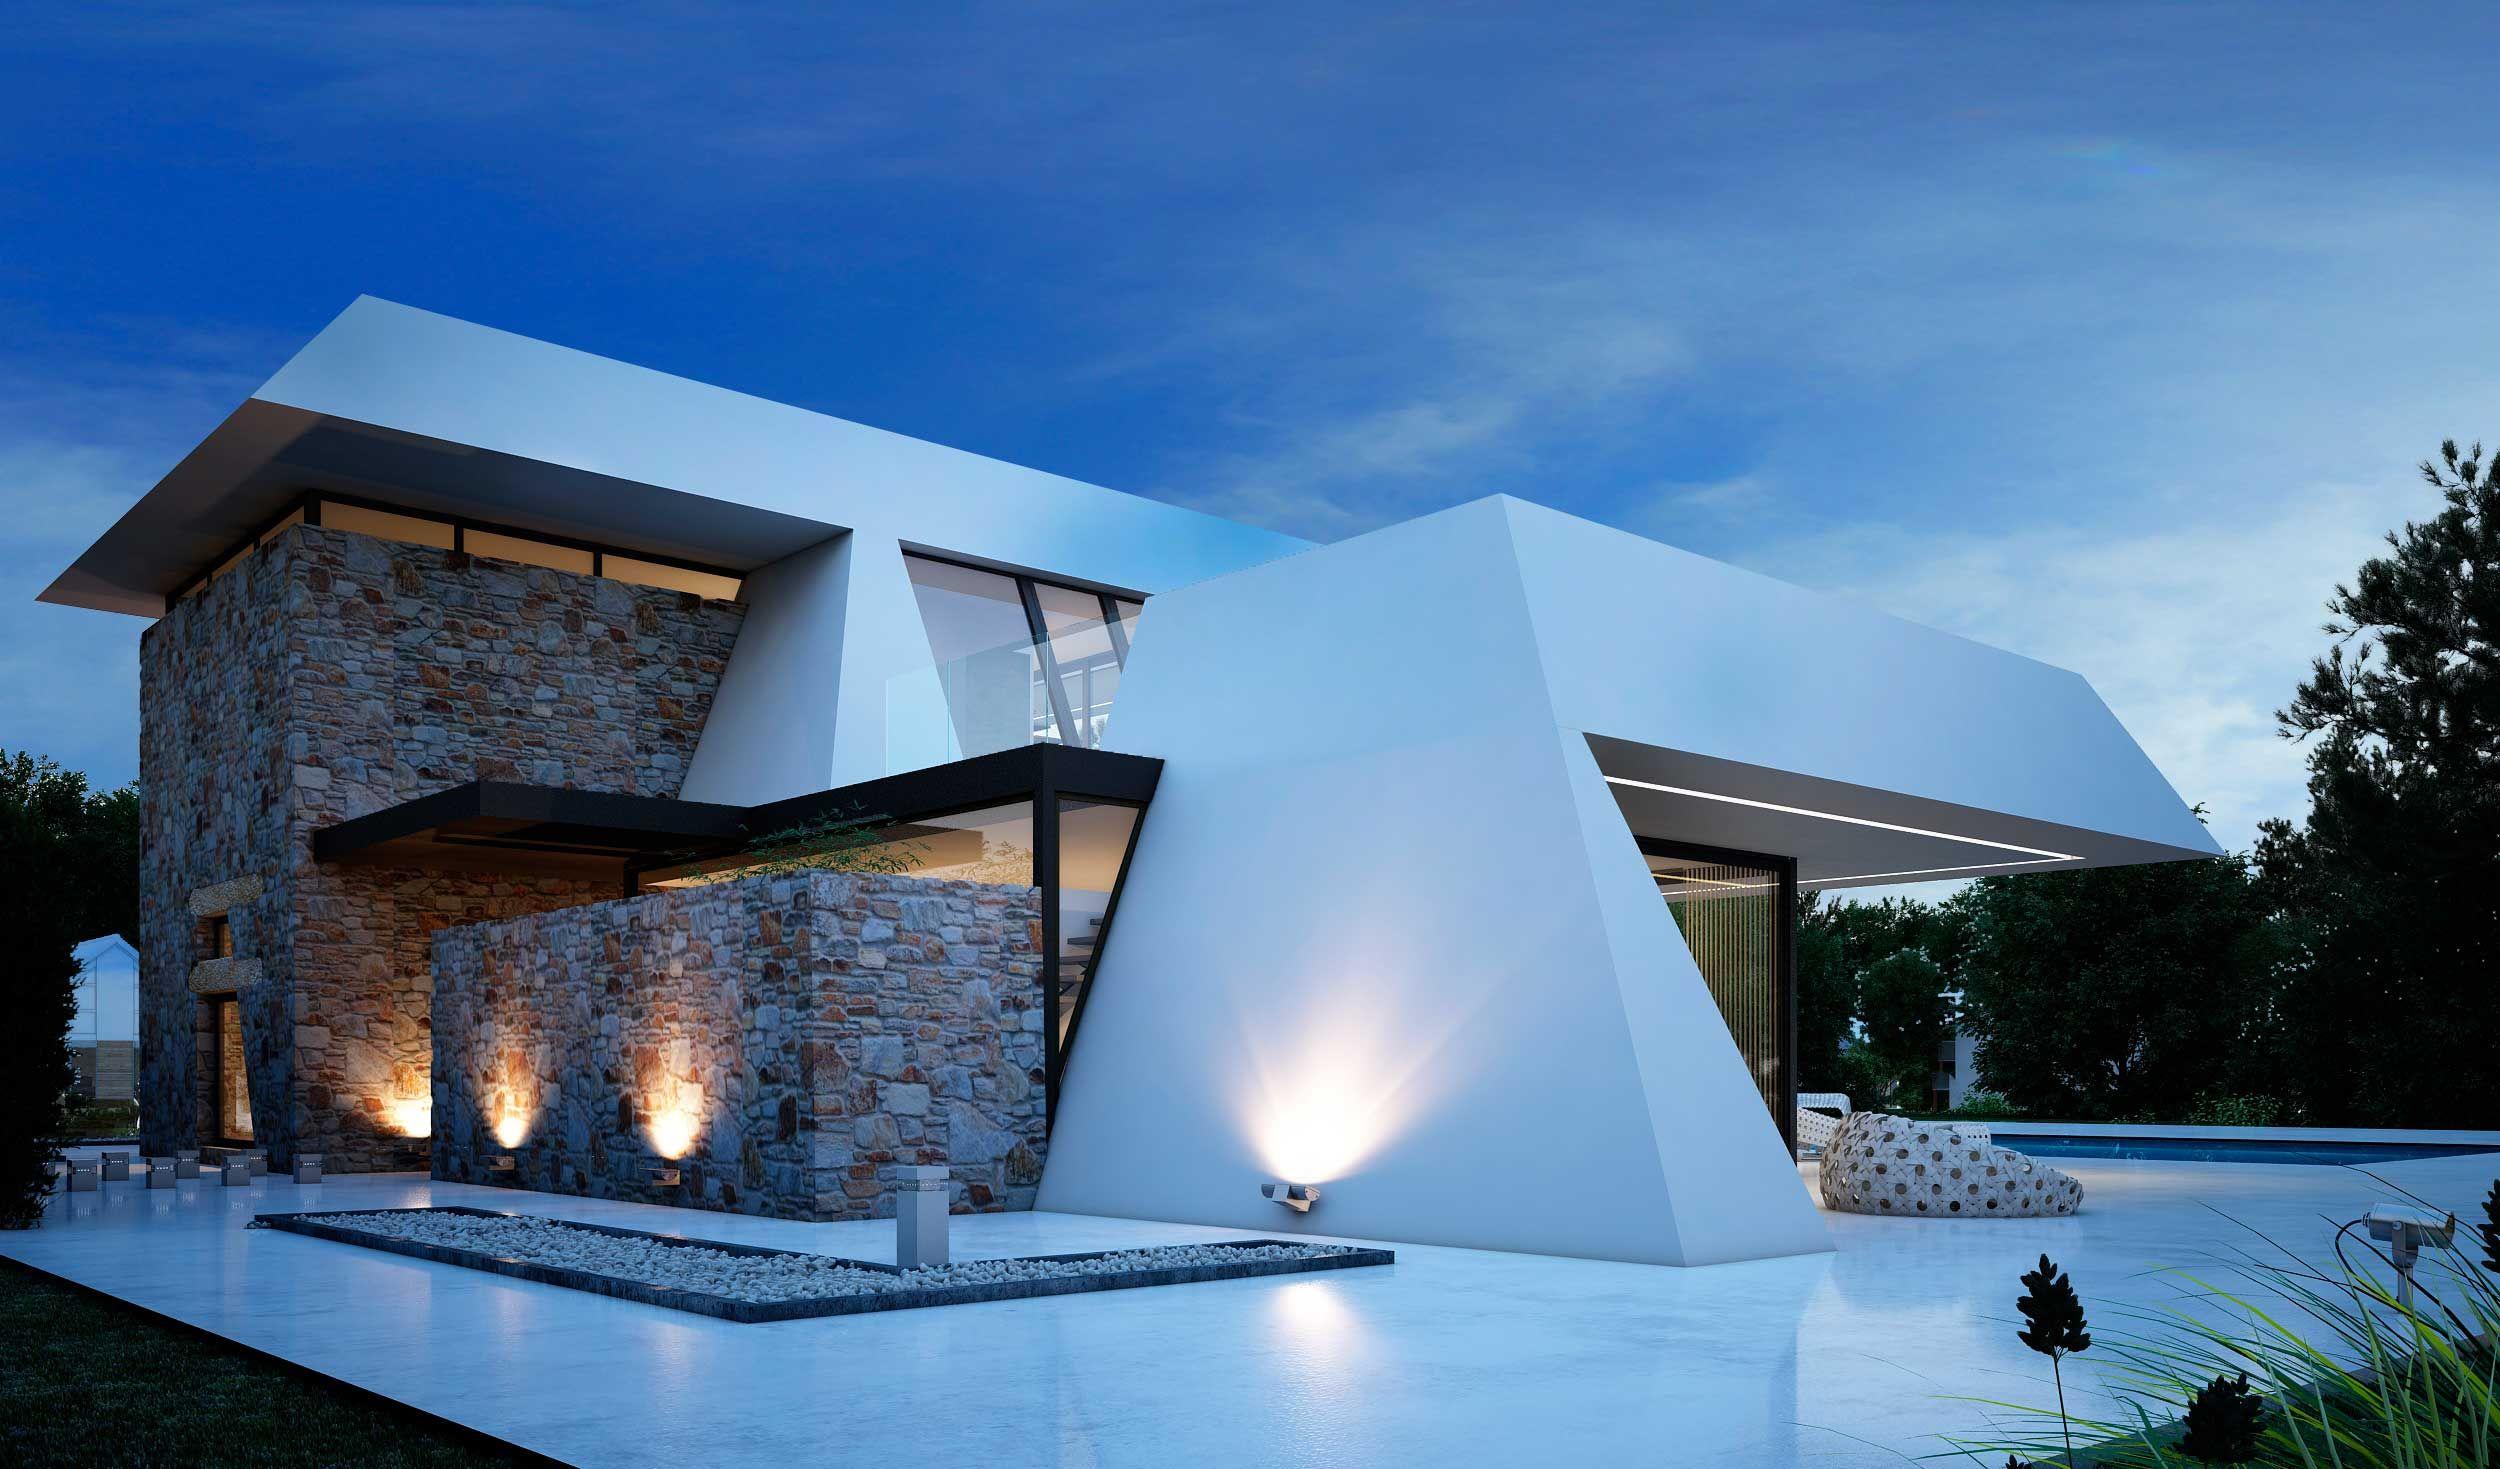 La econom a espa ola se recupera y la construcci n sigue - Casas sostenibles espana ...